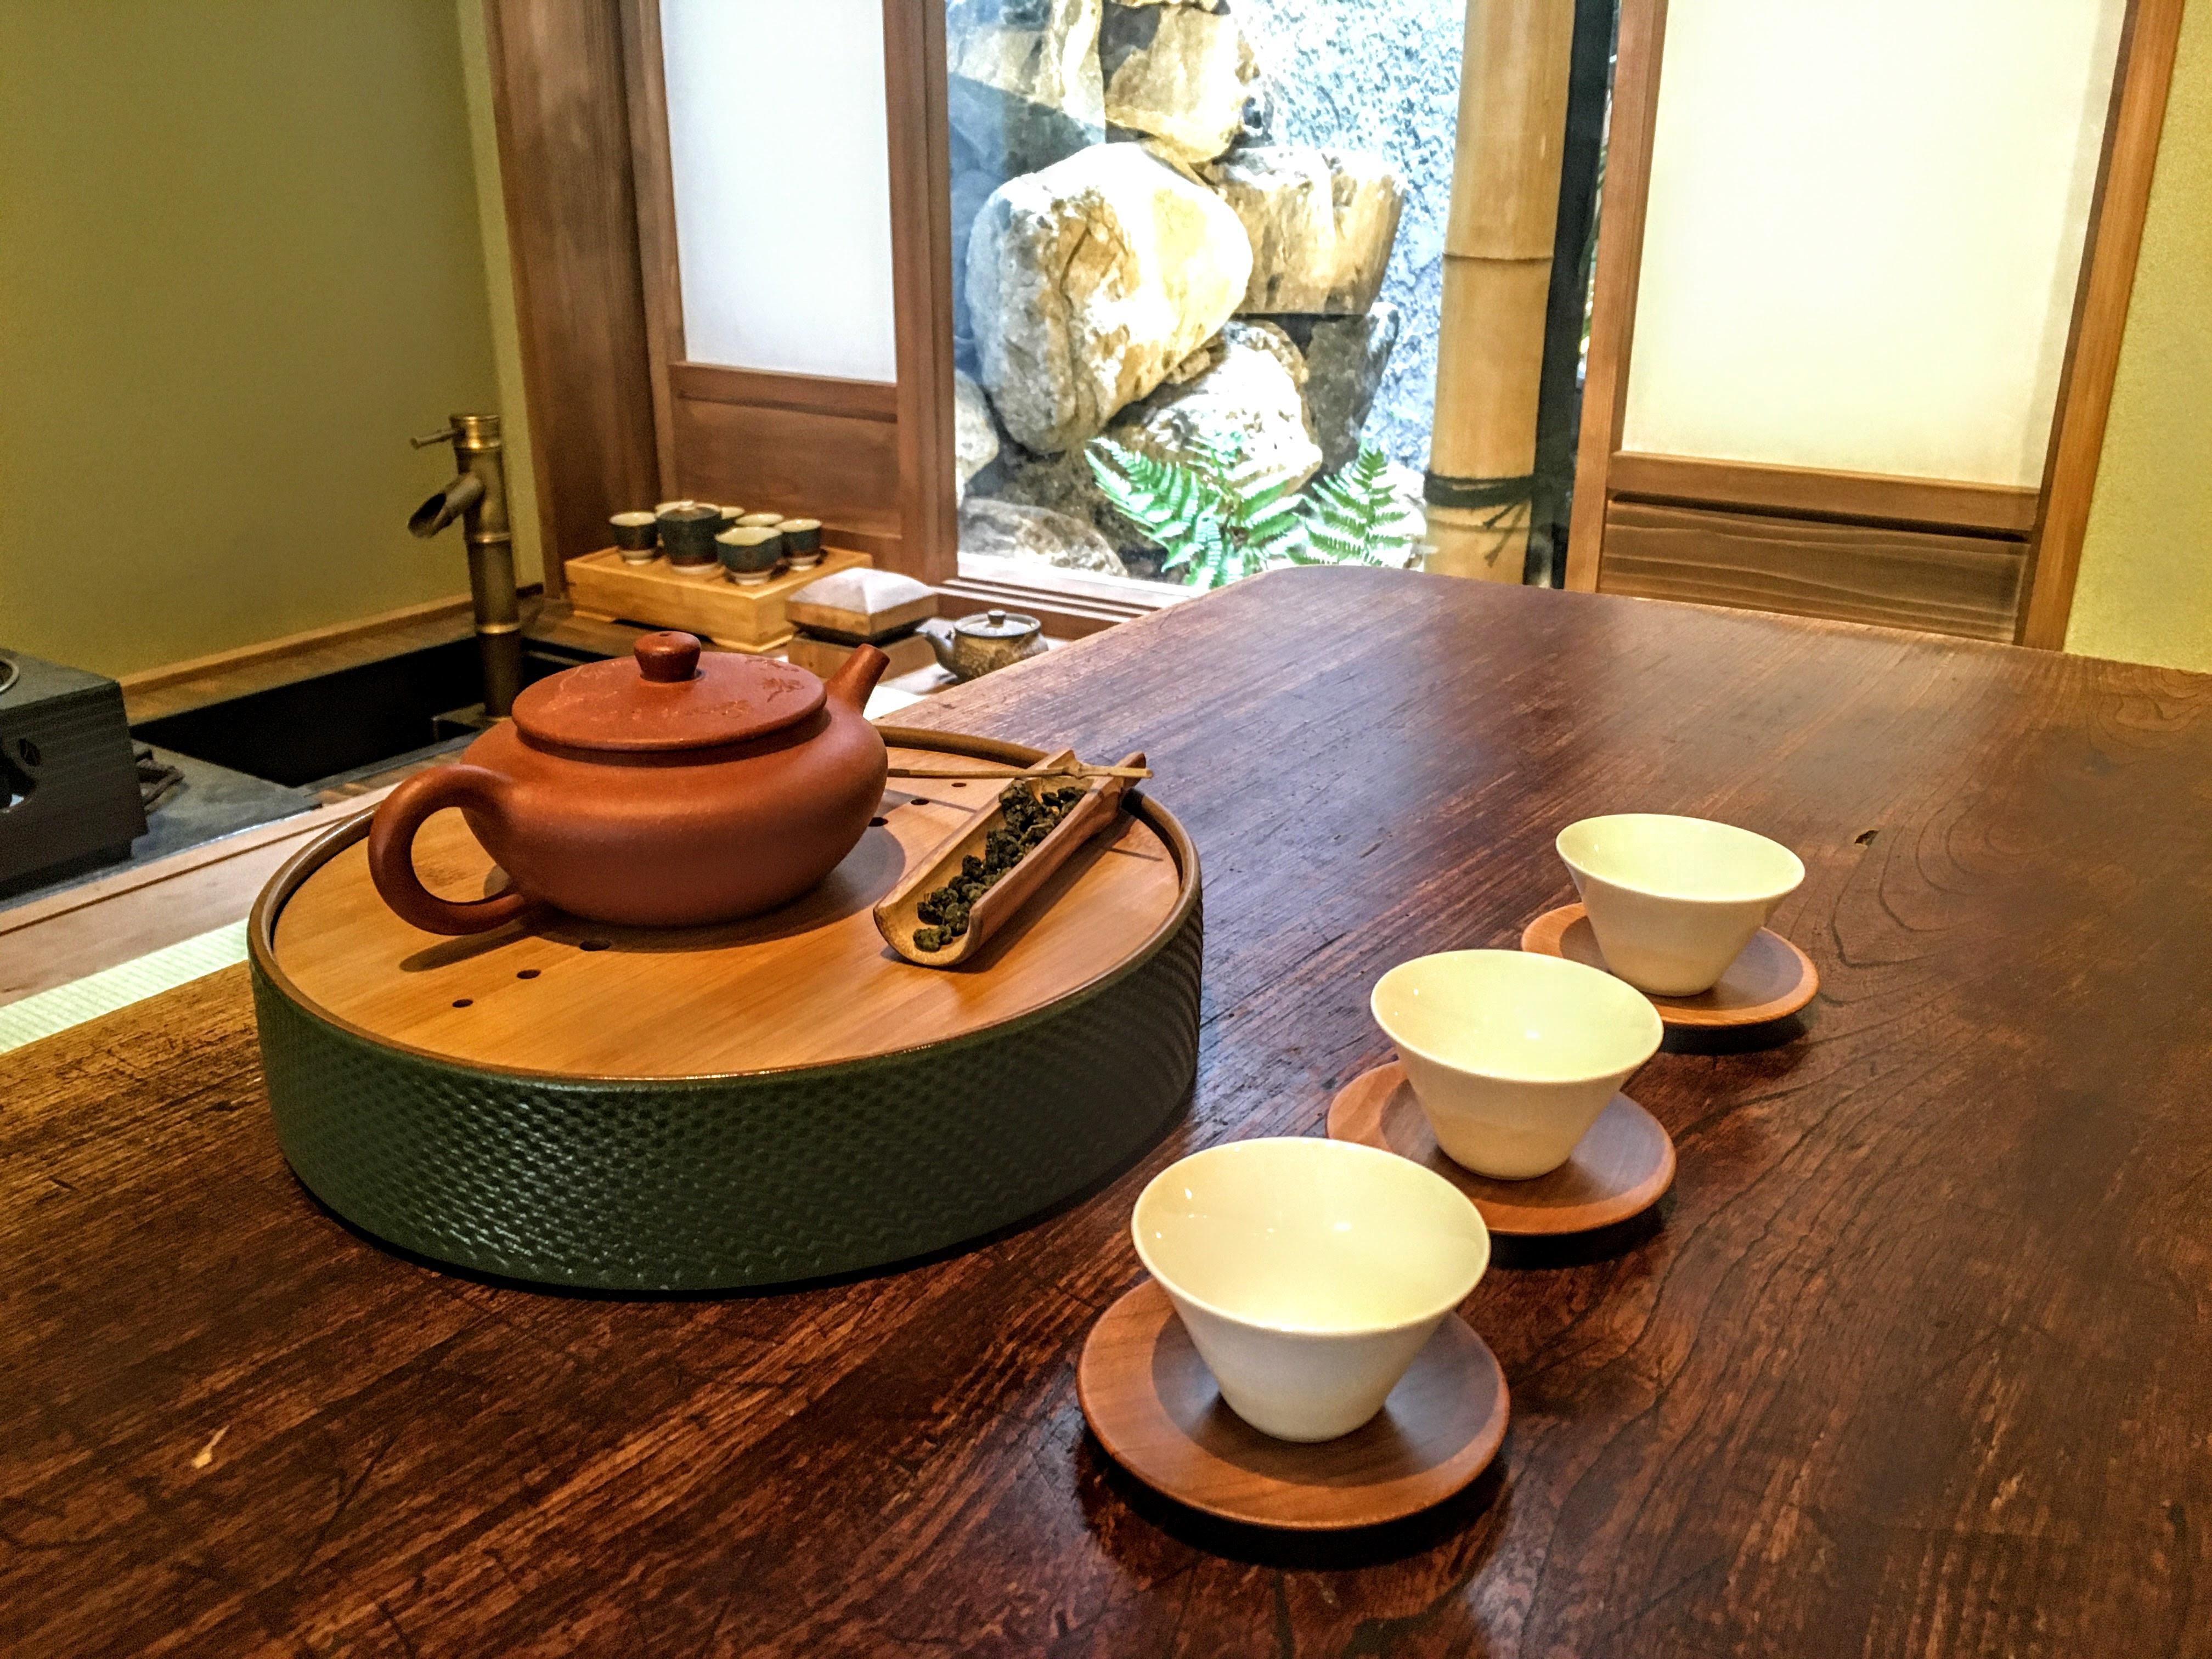 TAIWANESE TEA CEREMONY EXPERIENCE